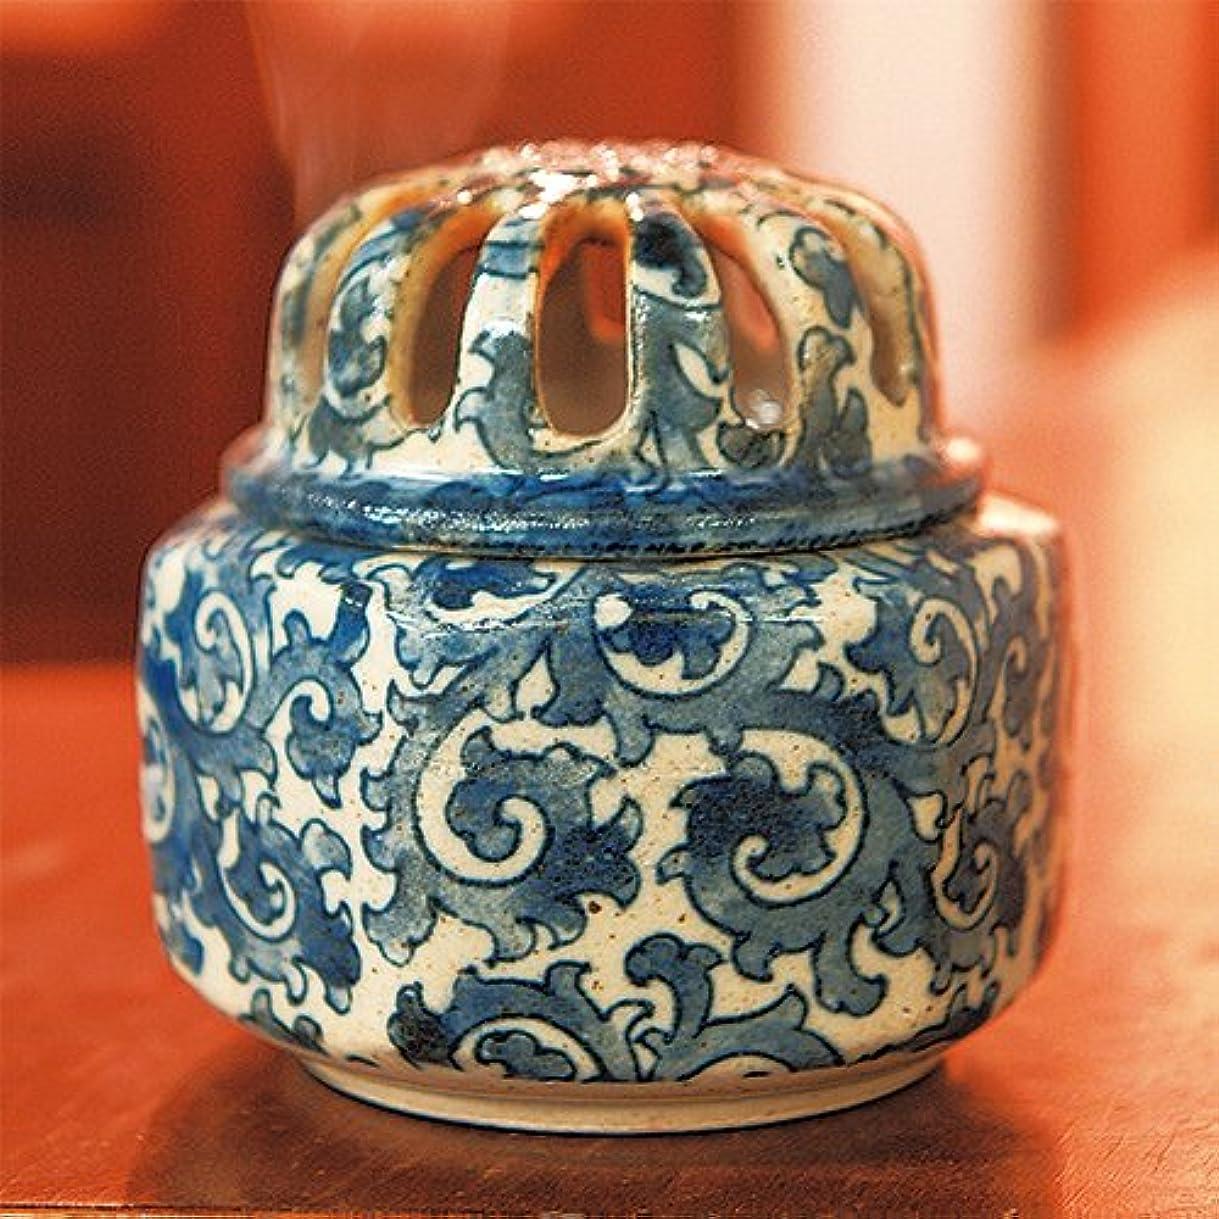 香炉 土物 タコ唐草 福香炉 [R8.8xH8.7cm] プレゼント ギフト 和食器 かわいい インテリア